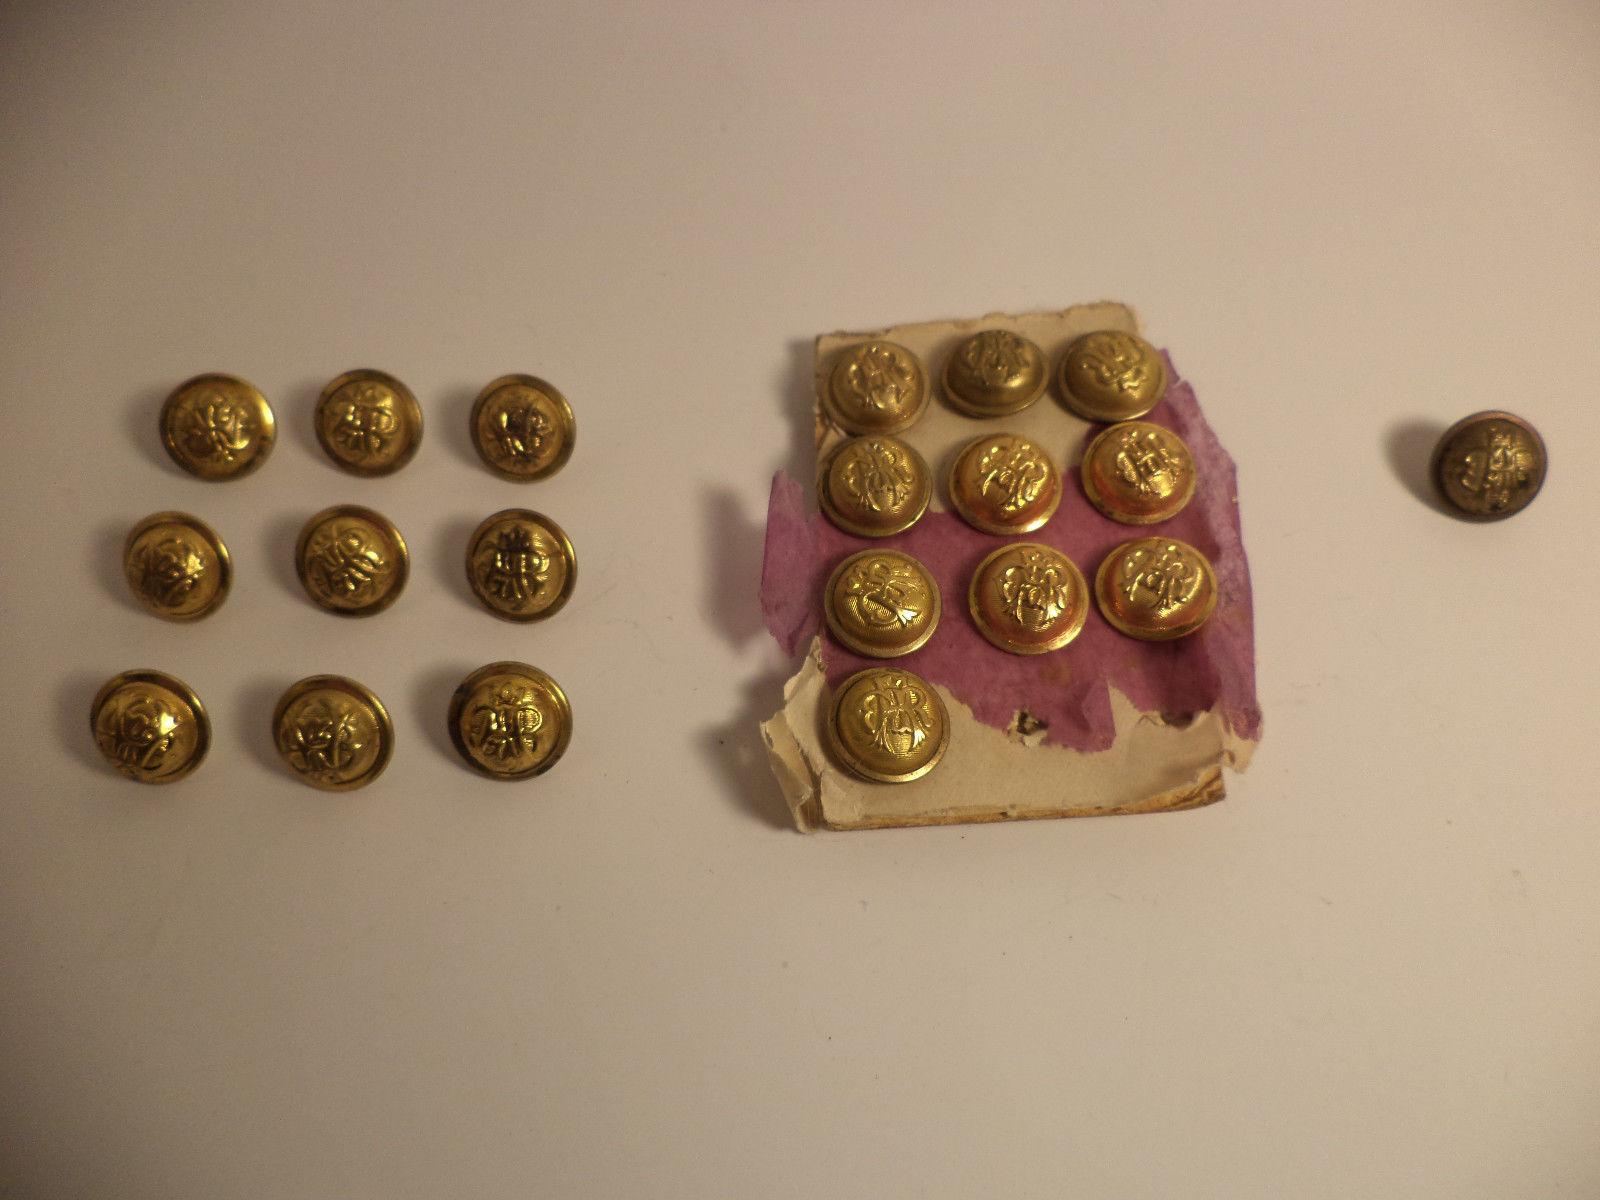 Original GAR Civil War Veterans' Button Group RARE NEW old stock Lot of 10 + 10